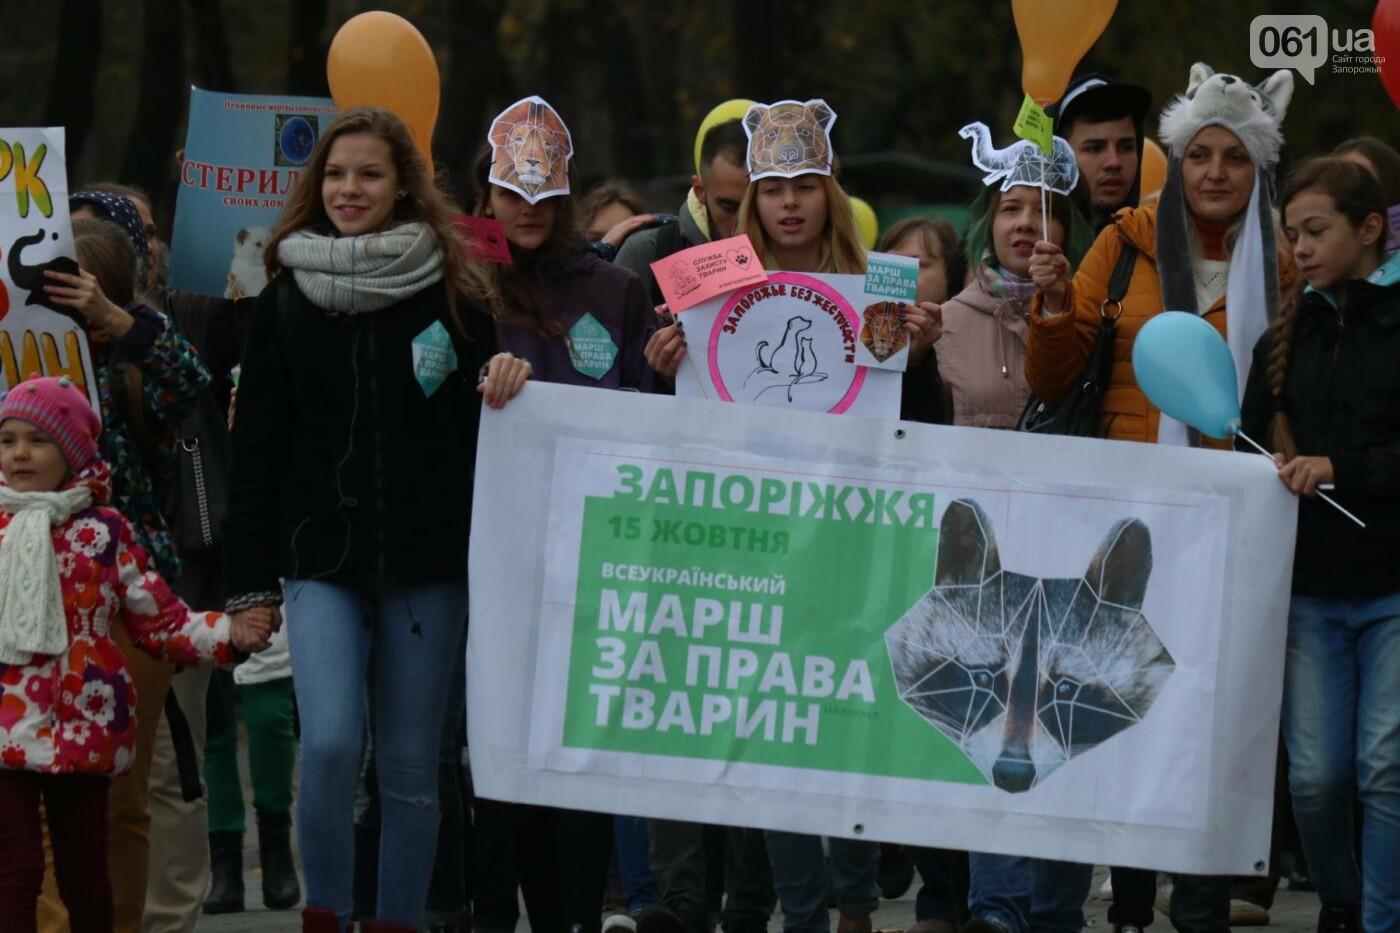 В Запорожье прошел марш за права животных, - ФОТОРЕПОРТАЖ, фото-9